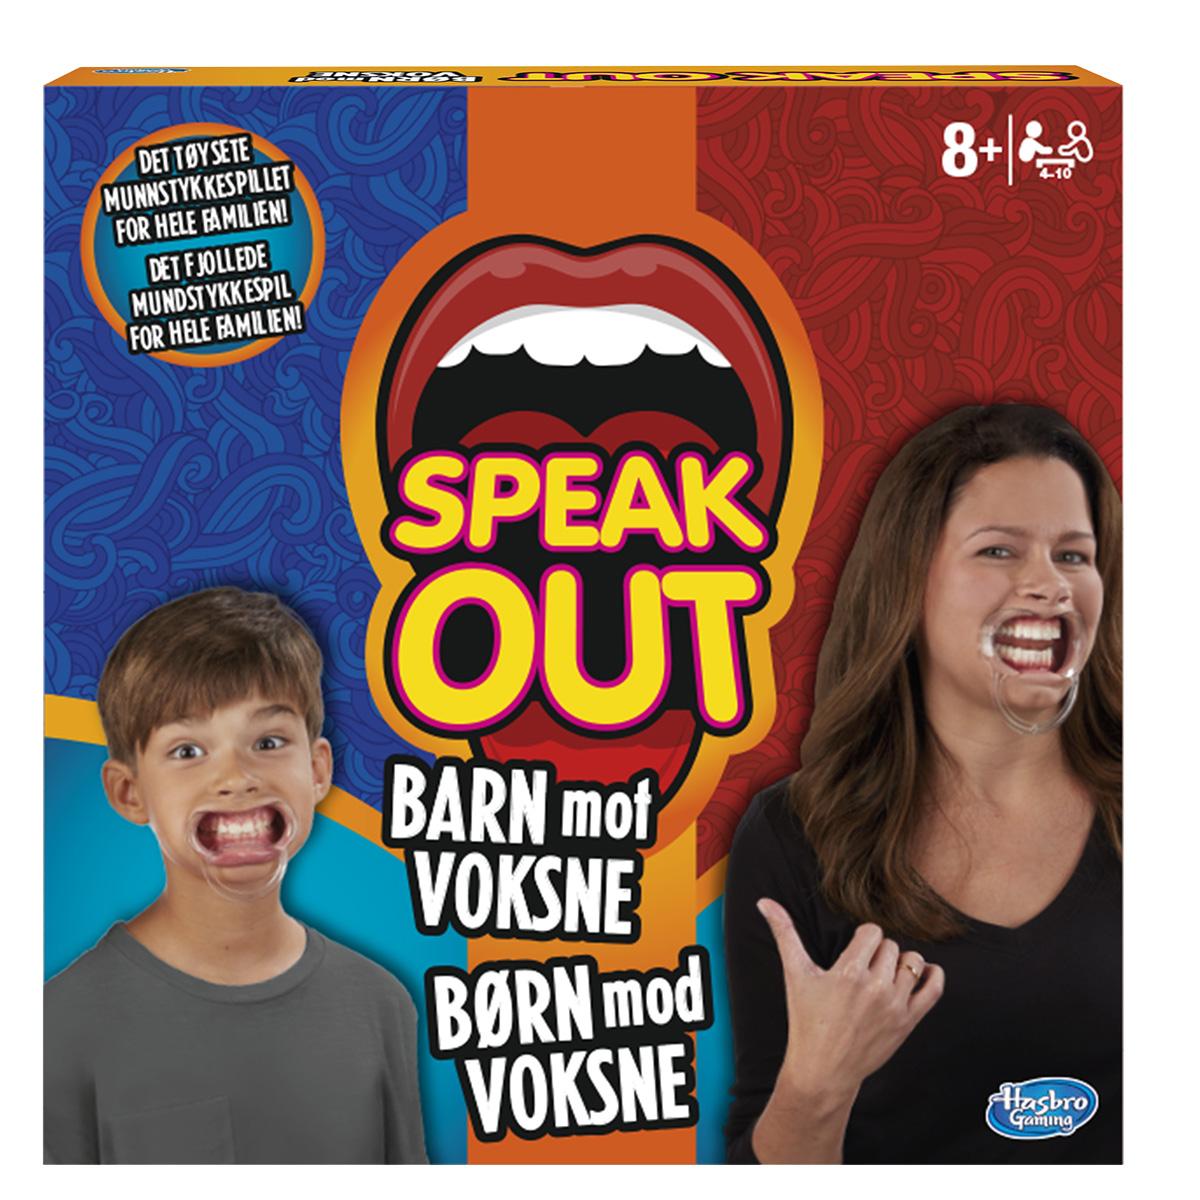 Speak Out - Børn mod voksne